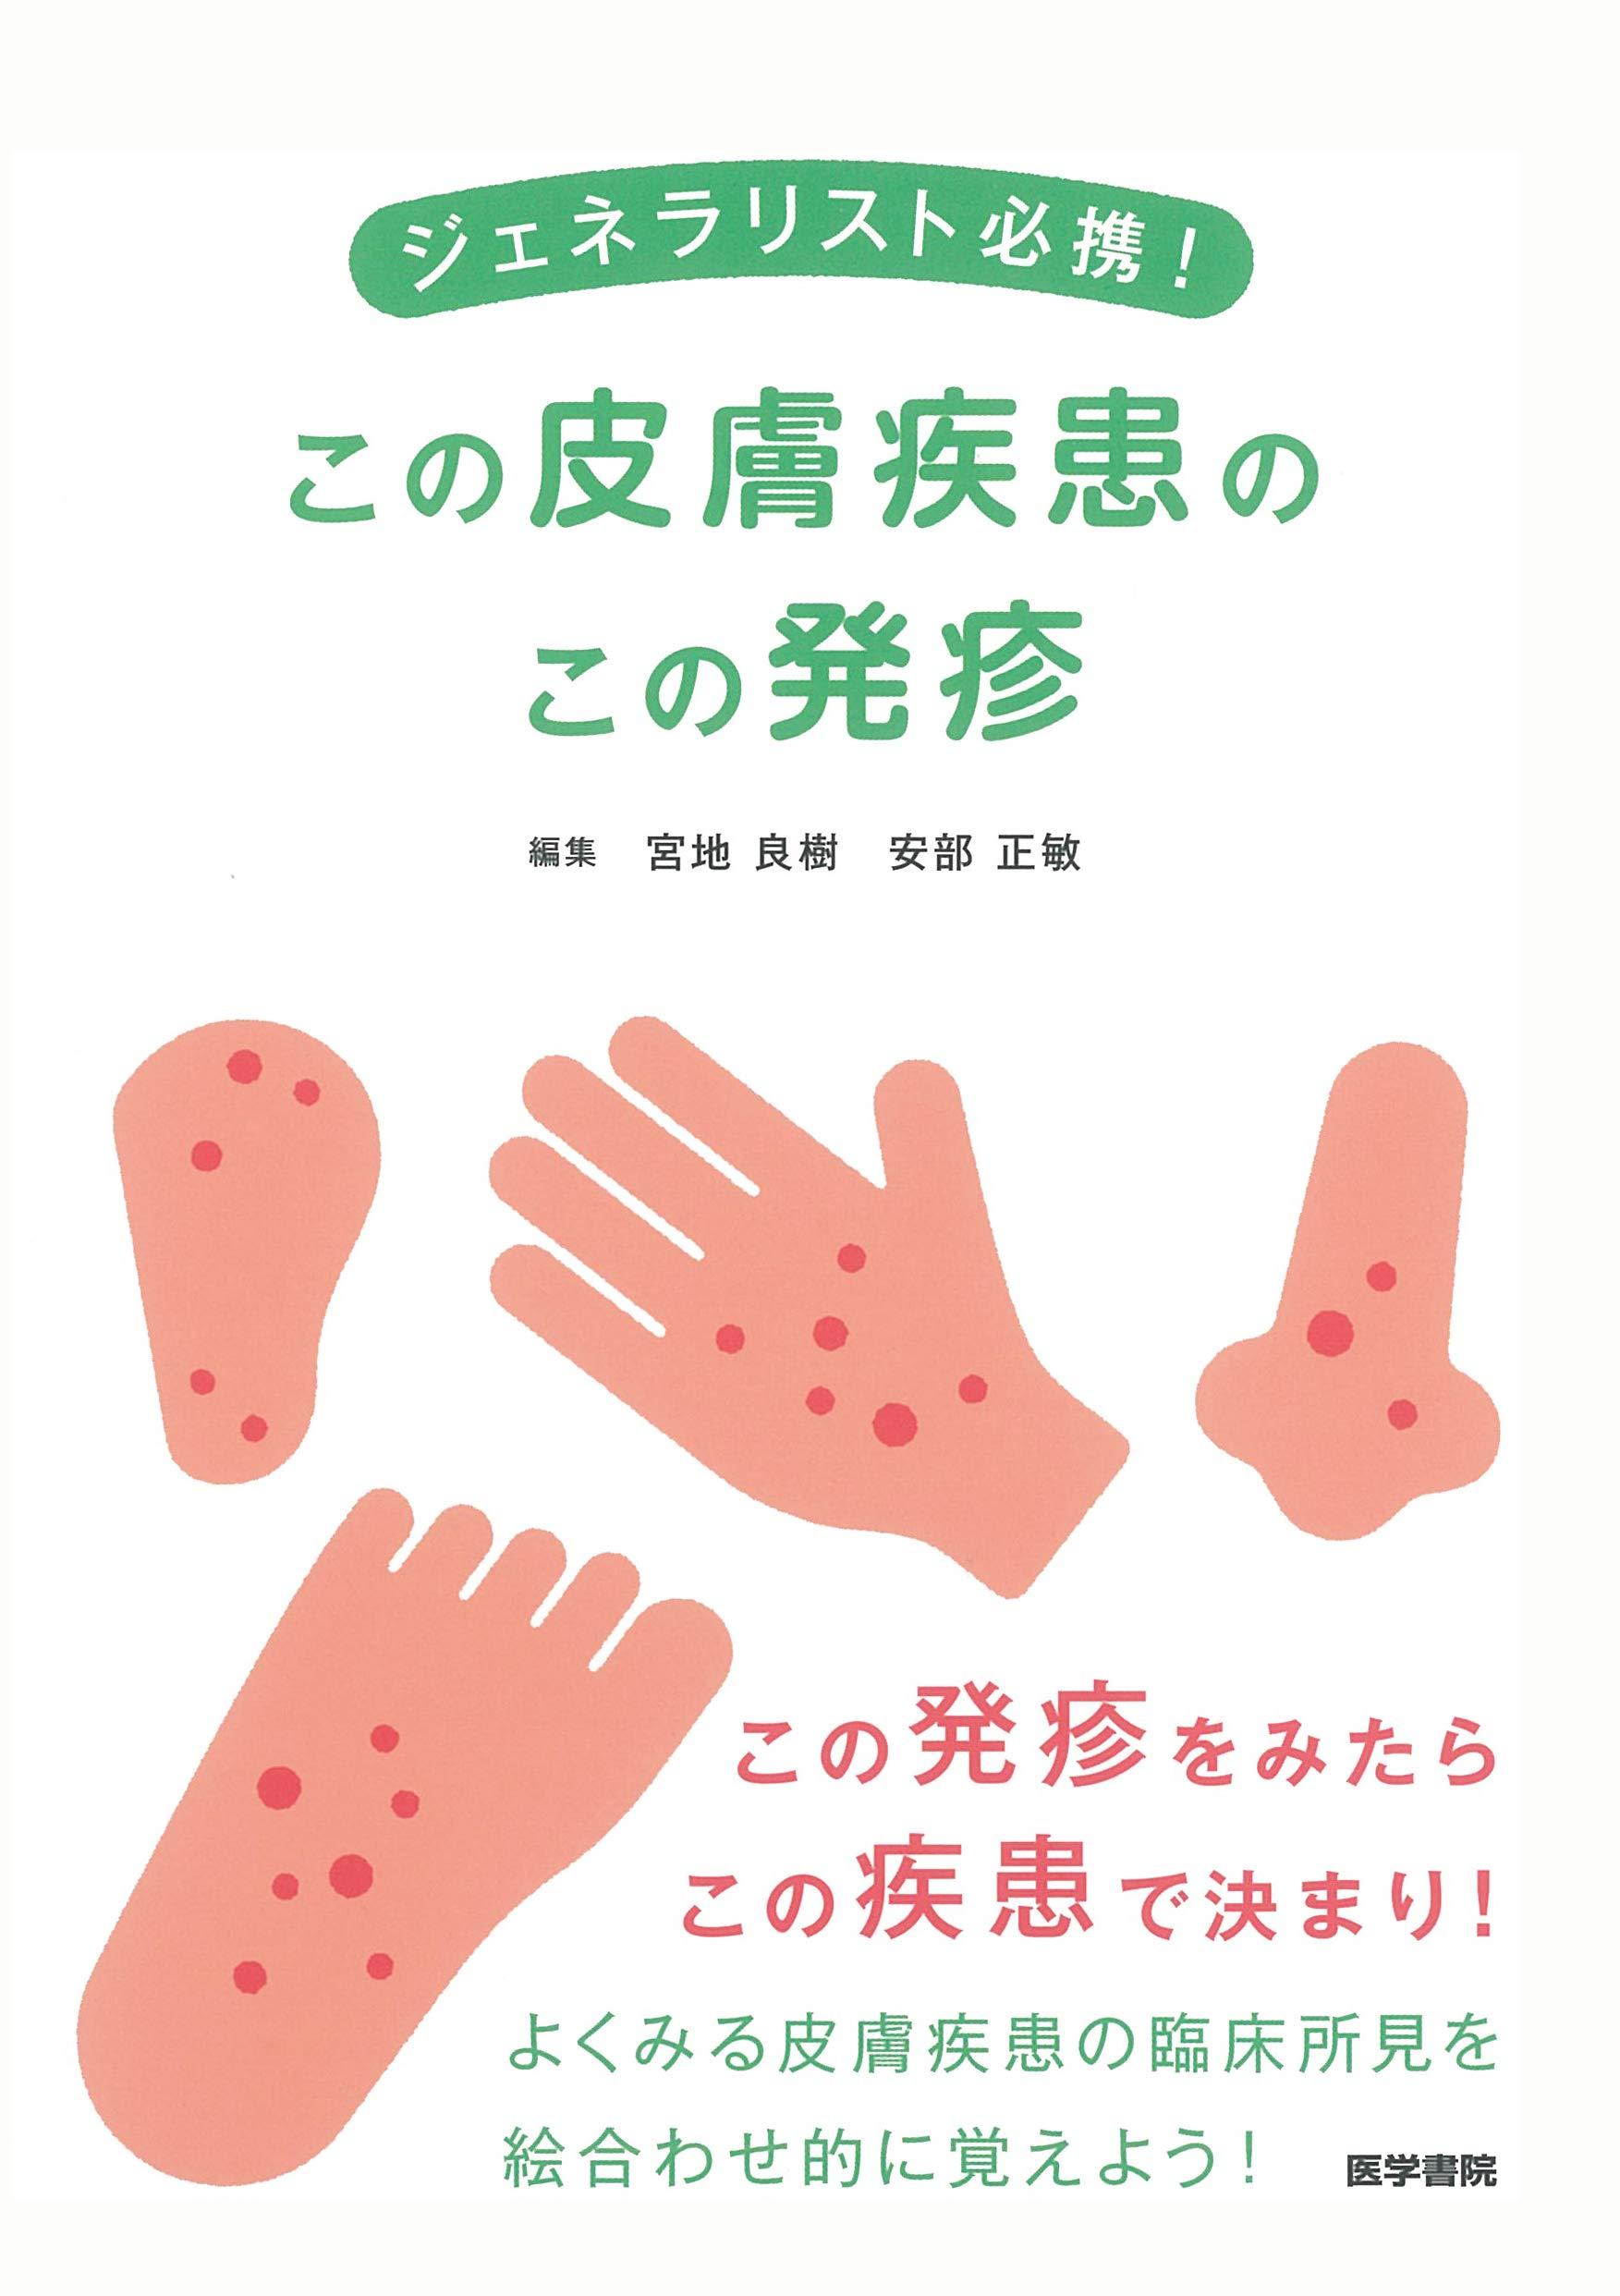 の コロナ 発疹 皮膚